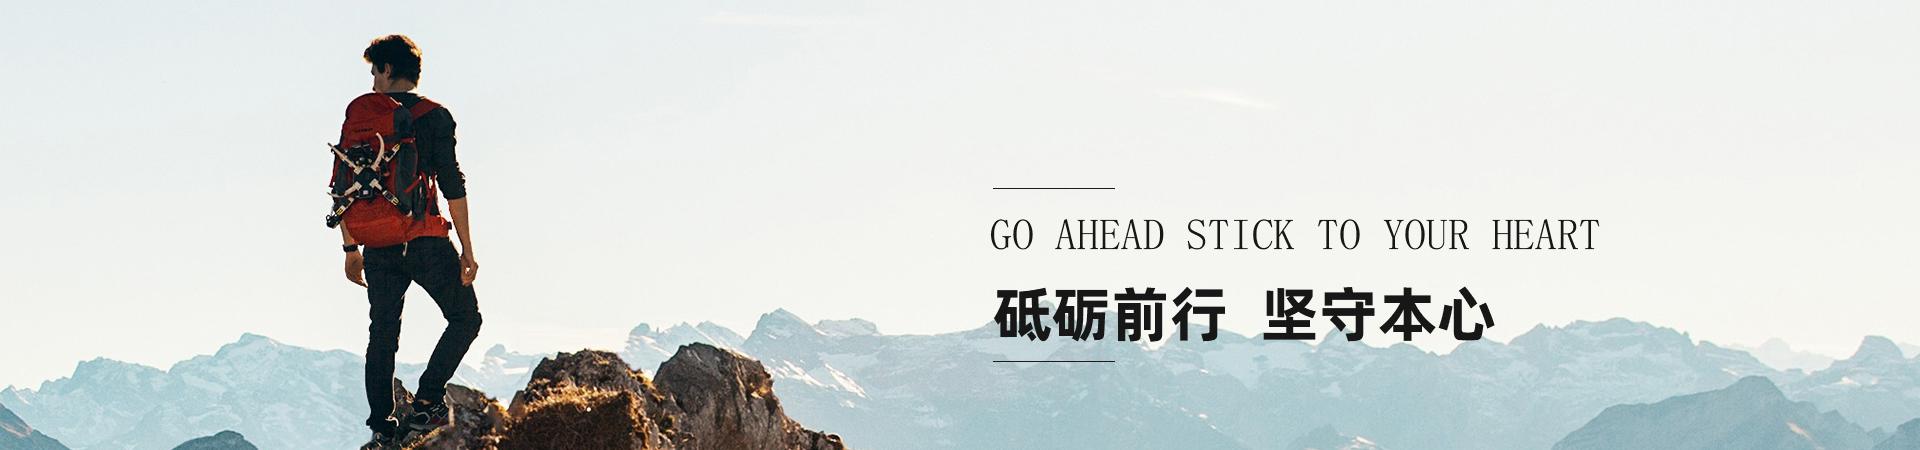 http://sdchengyi.net/data/upload/201911/20191116165113_234.jpg